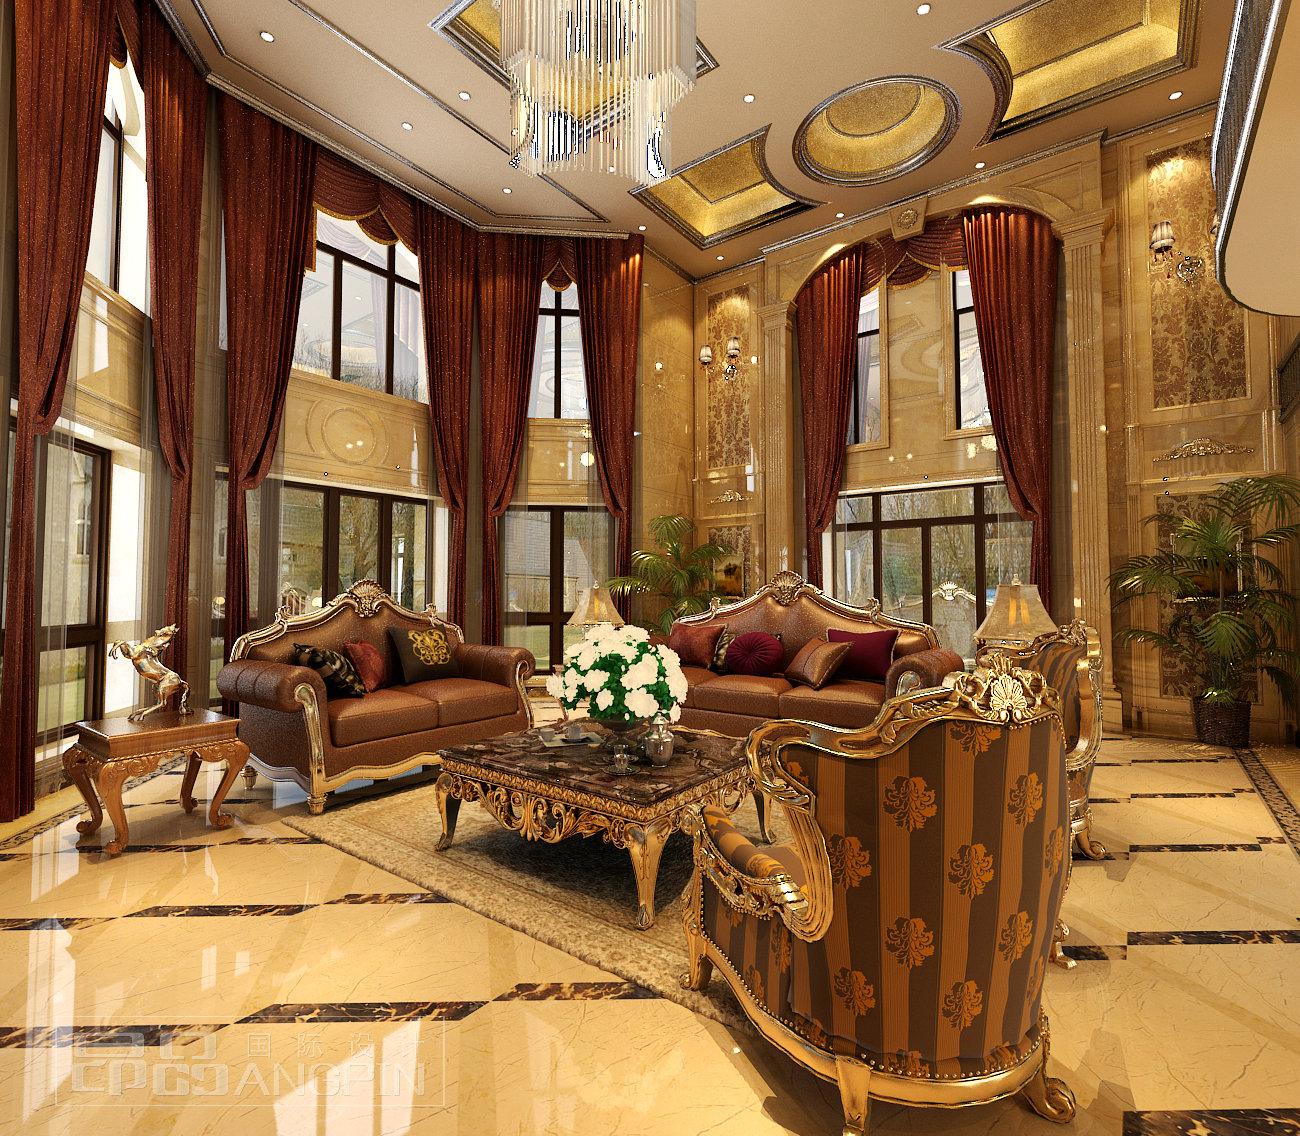 贵阳弘宇琉森堡别墅,欧式风格豪华装修设计案例!